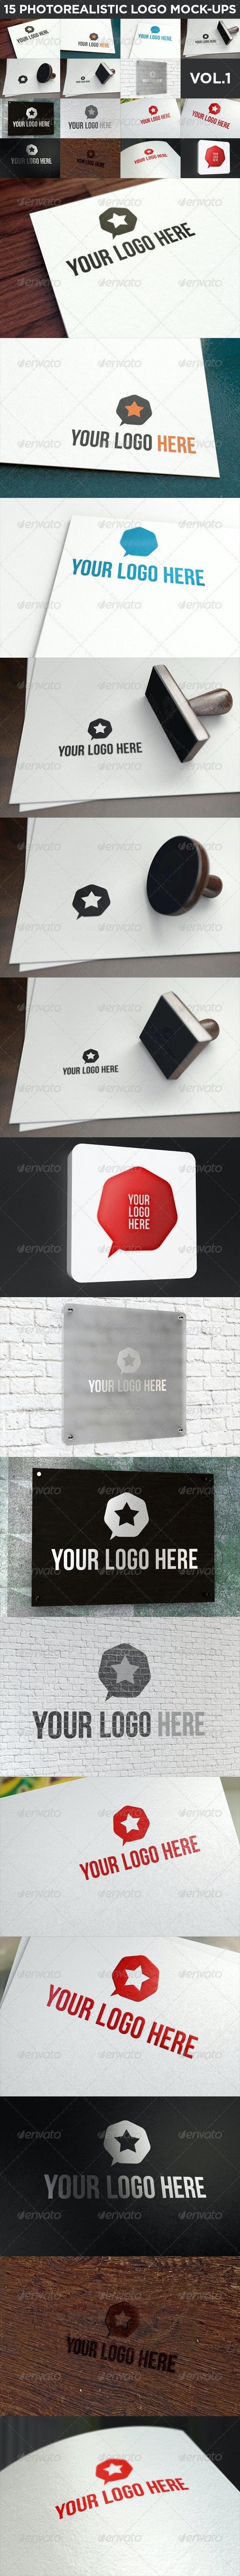 15 Realistic Logo Mock-Ups Vol.1 - Logo Product Mock-Ups